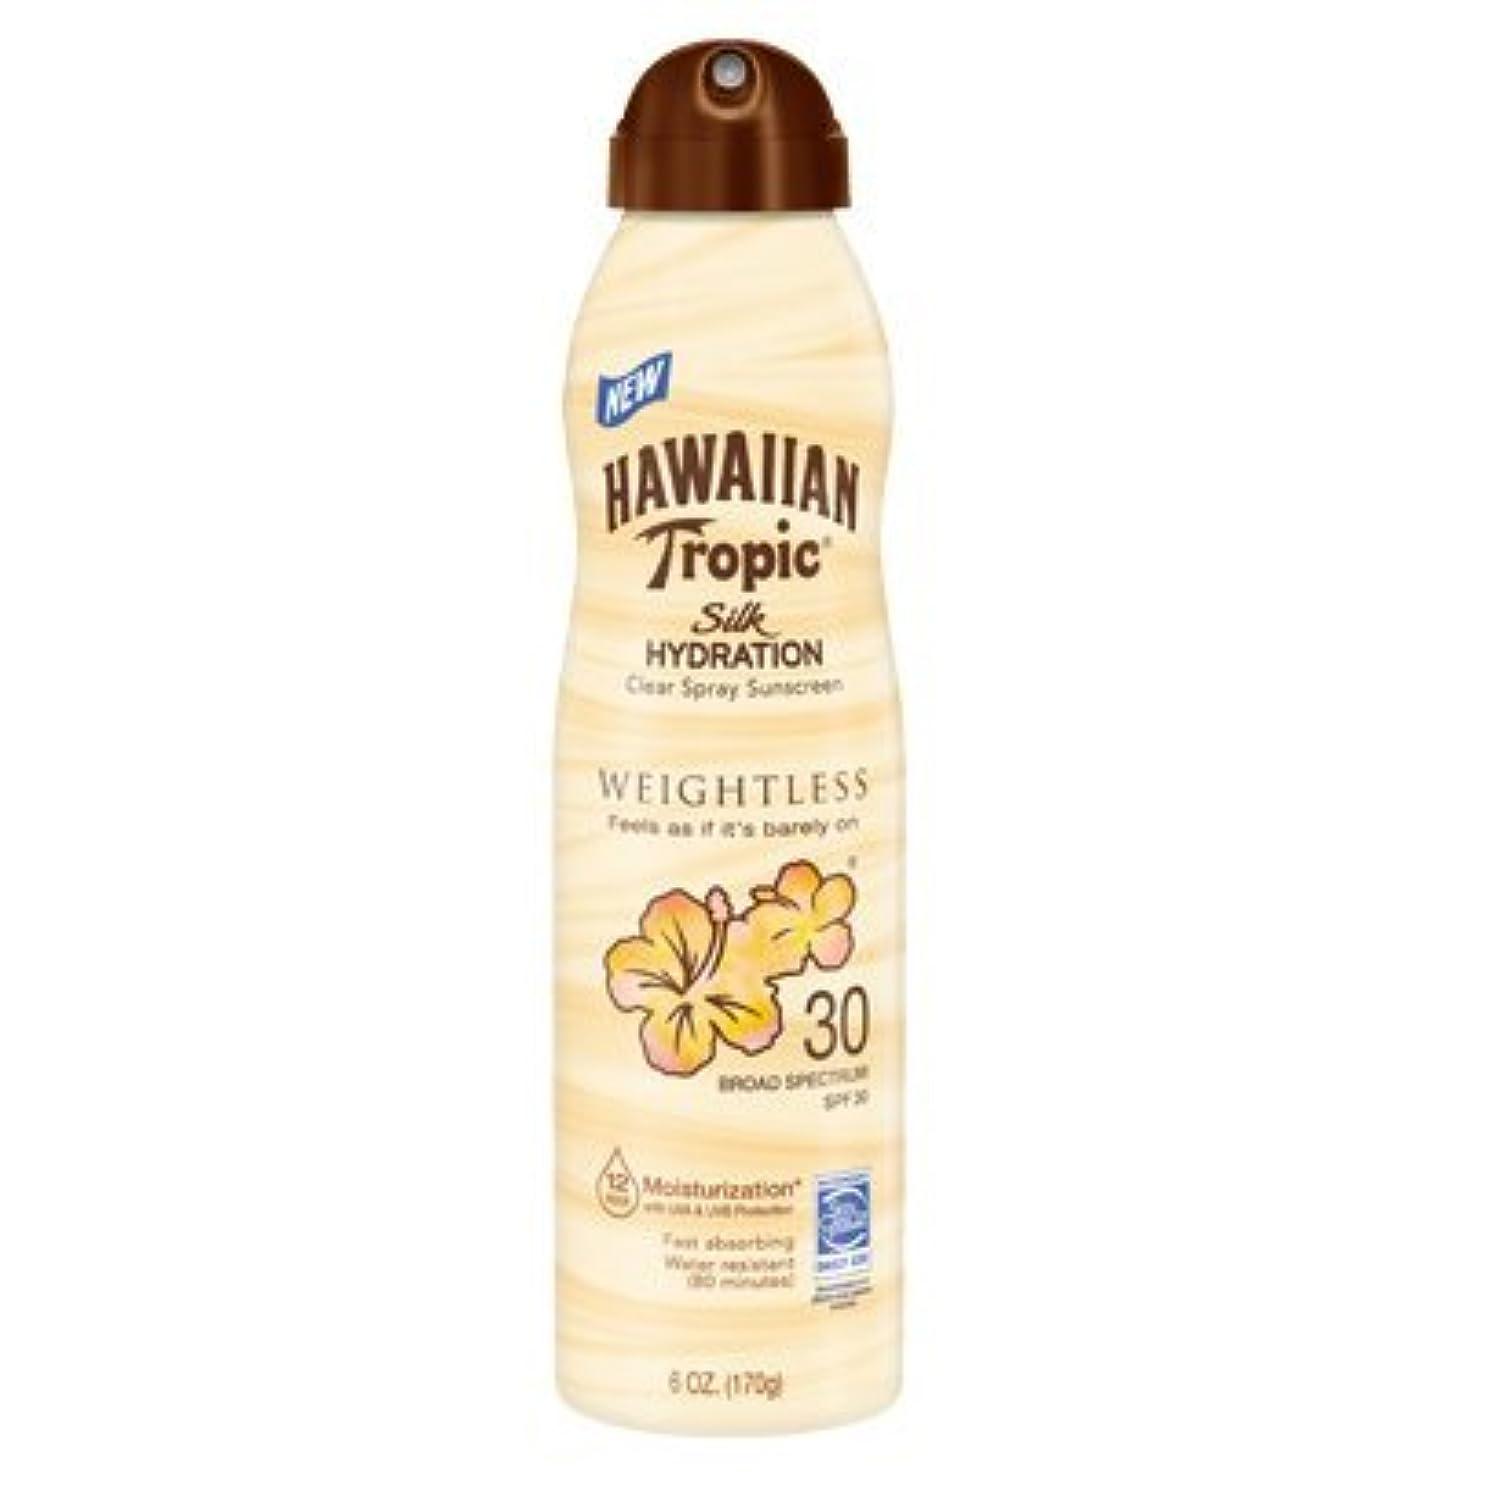 ペチュランス起こる郊外【海外直送】ハワイアントロピック 12時間持続 日焼け止めミスト SPF30 (177ml) Hawaiian Tropic Silk Hydration Clear Mist Spray Sunscreen SPF 30...